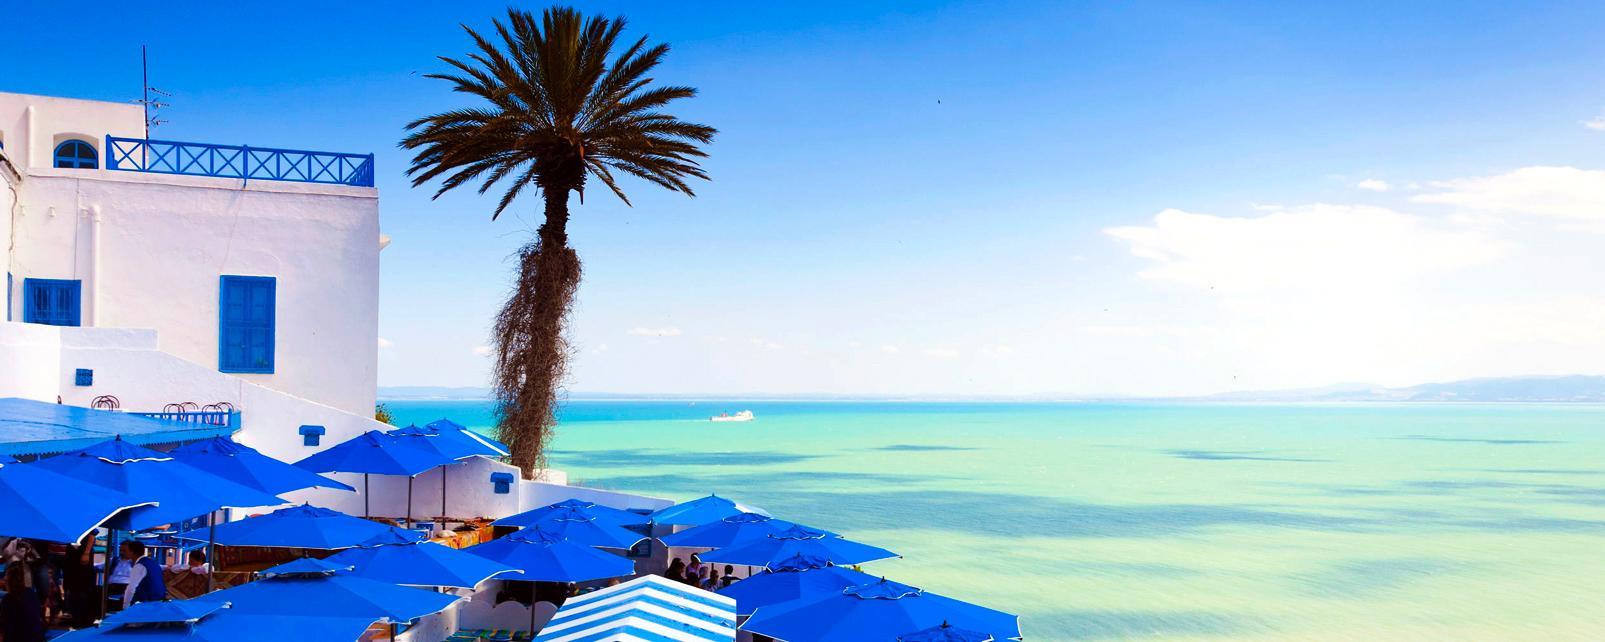 voyage tunisie ete 2015